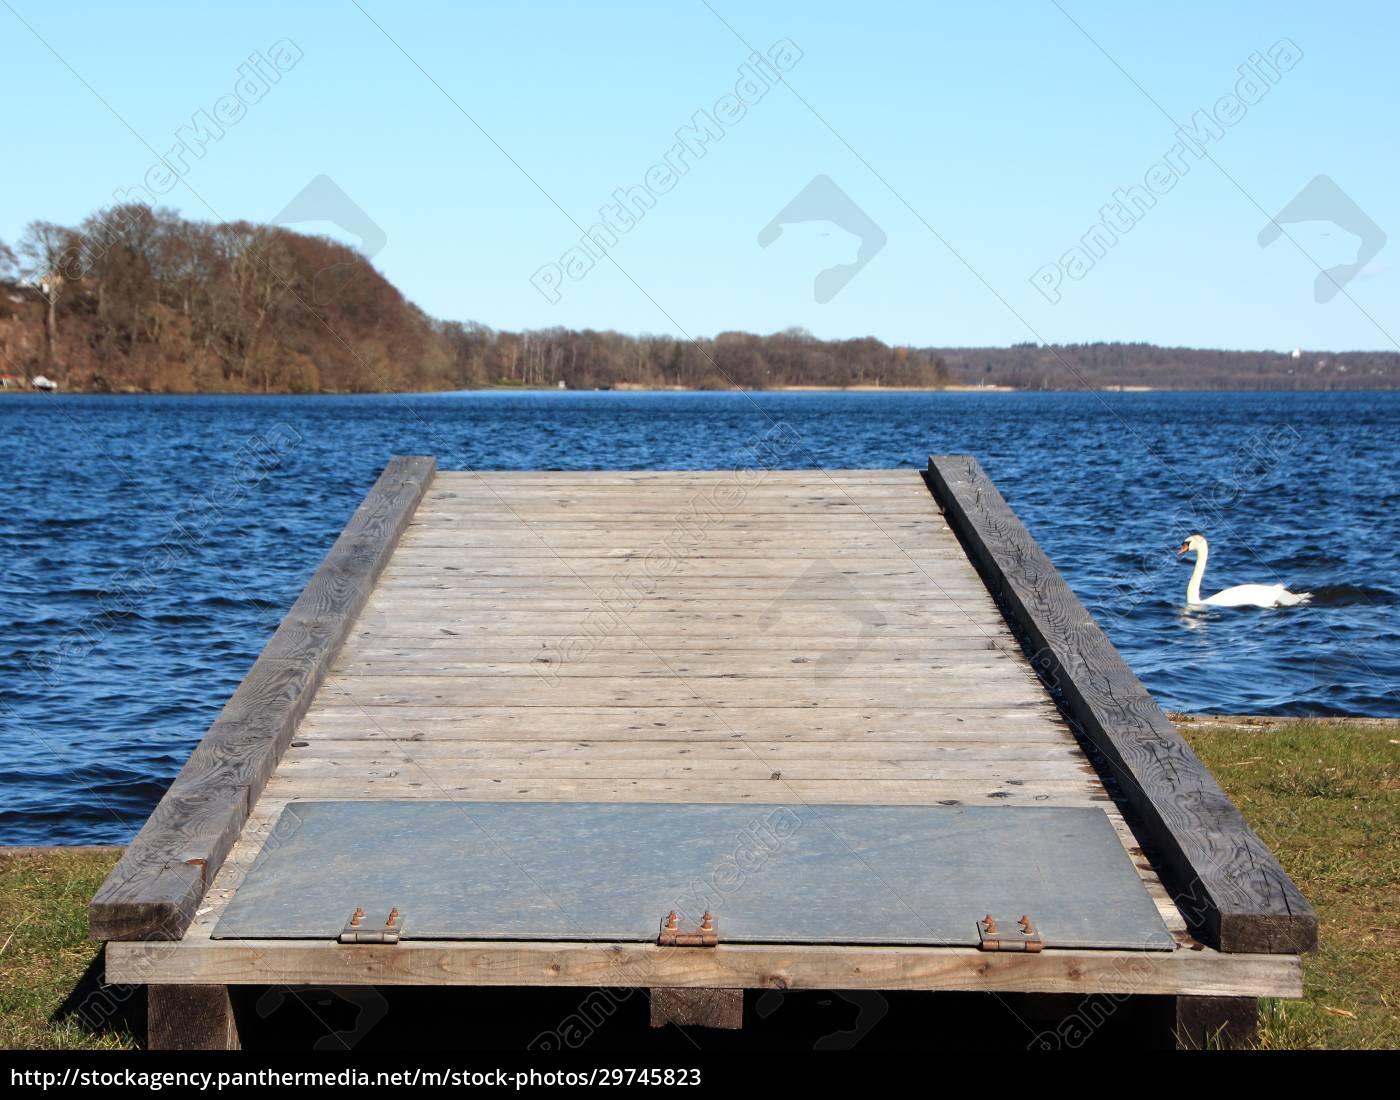 mobile, landing, pier, at, blue, lake - 29745823